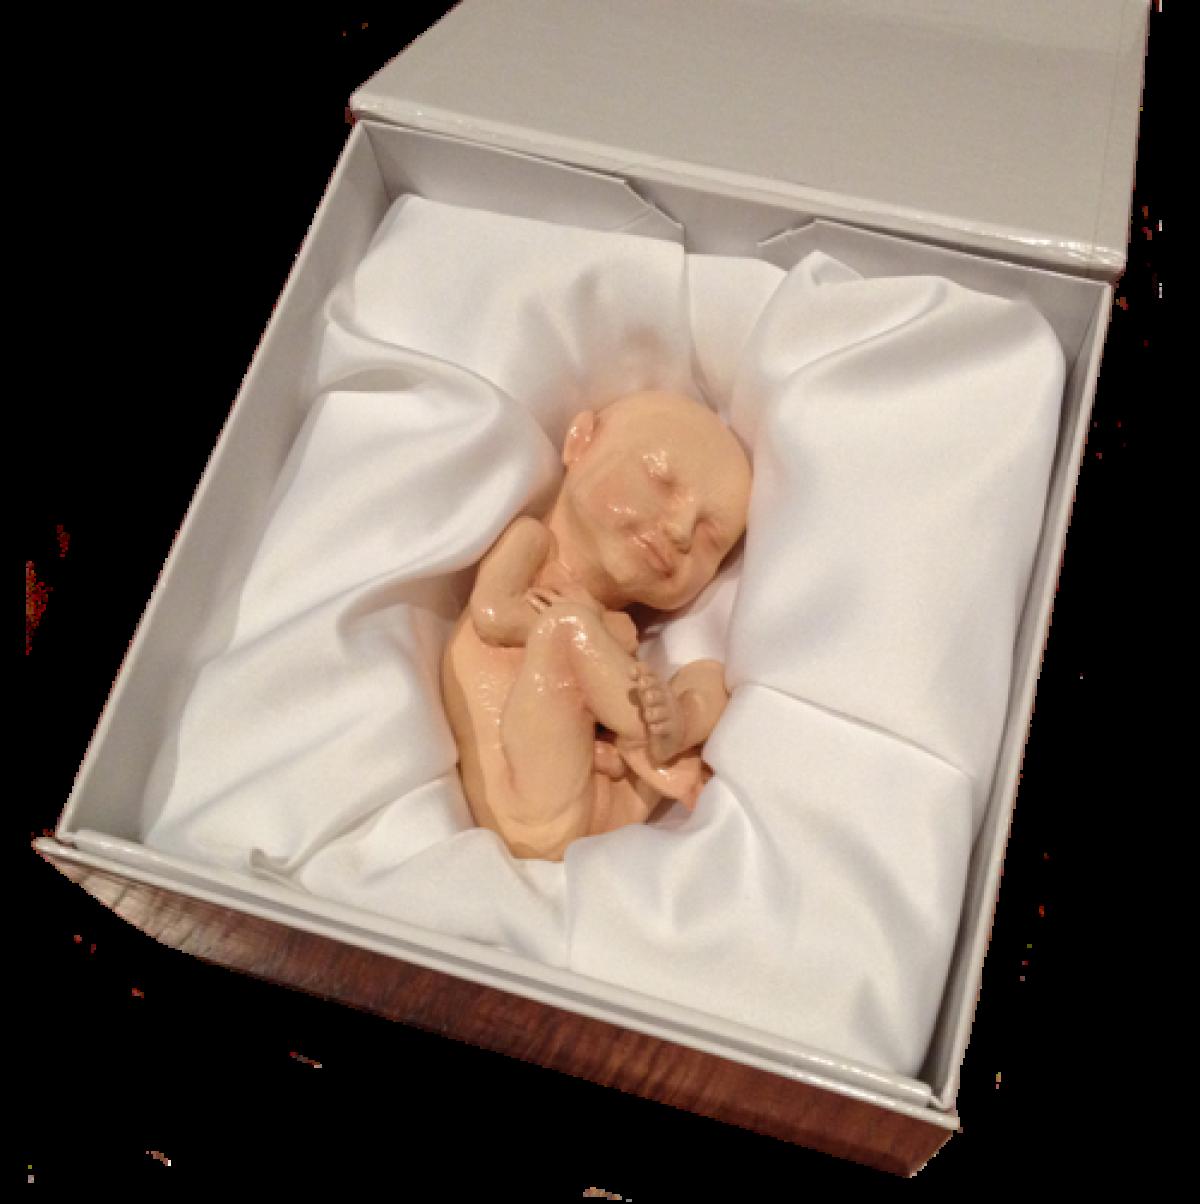 Εσείς θα αγοράζατε ποτέ μια 3D εκτύπωση του εμβρύου σας;